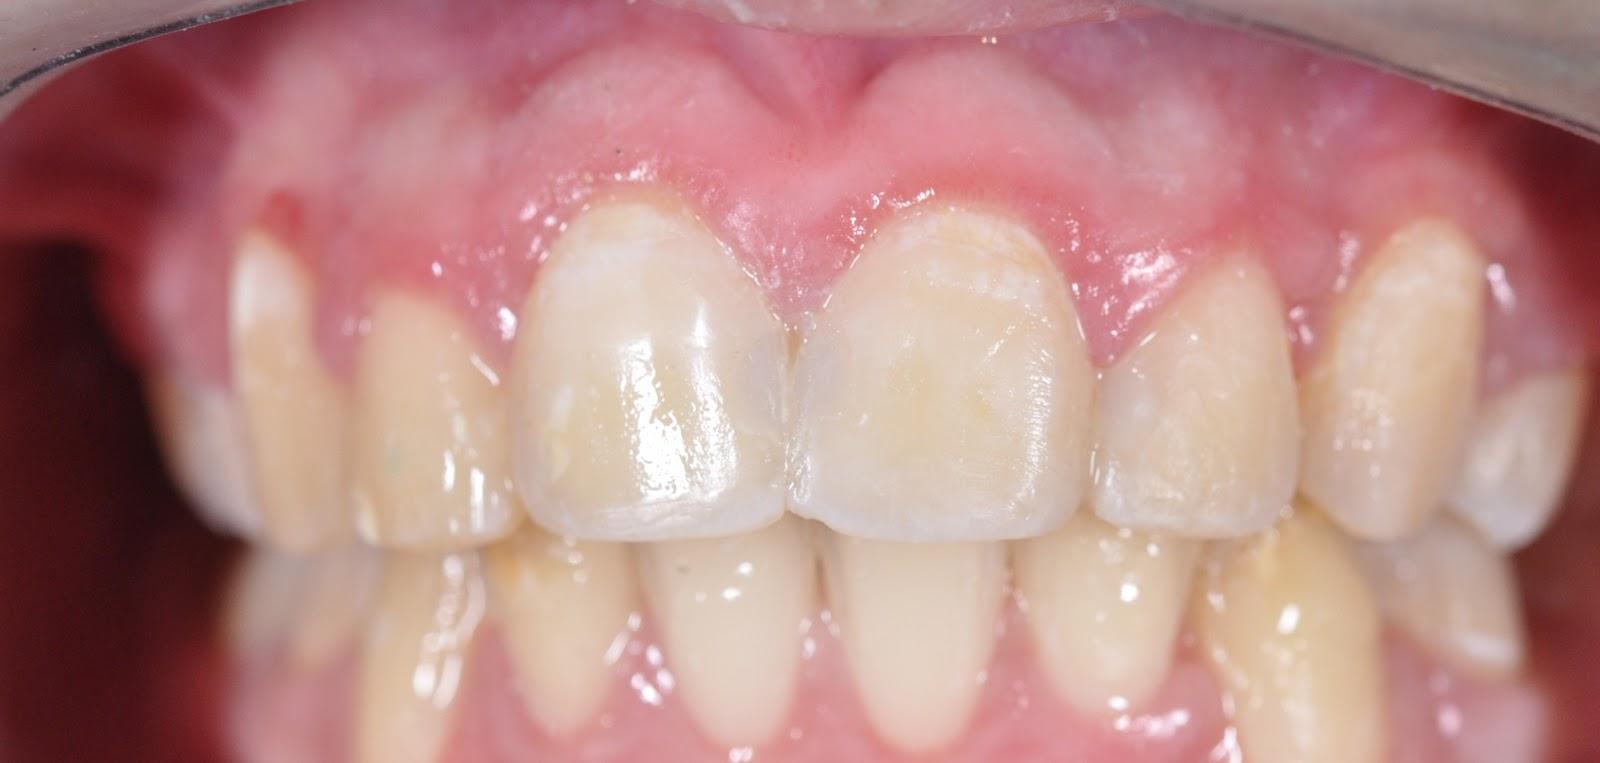 Odontología______________: Caries Interproximal